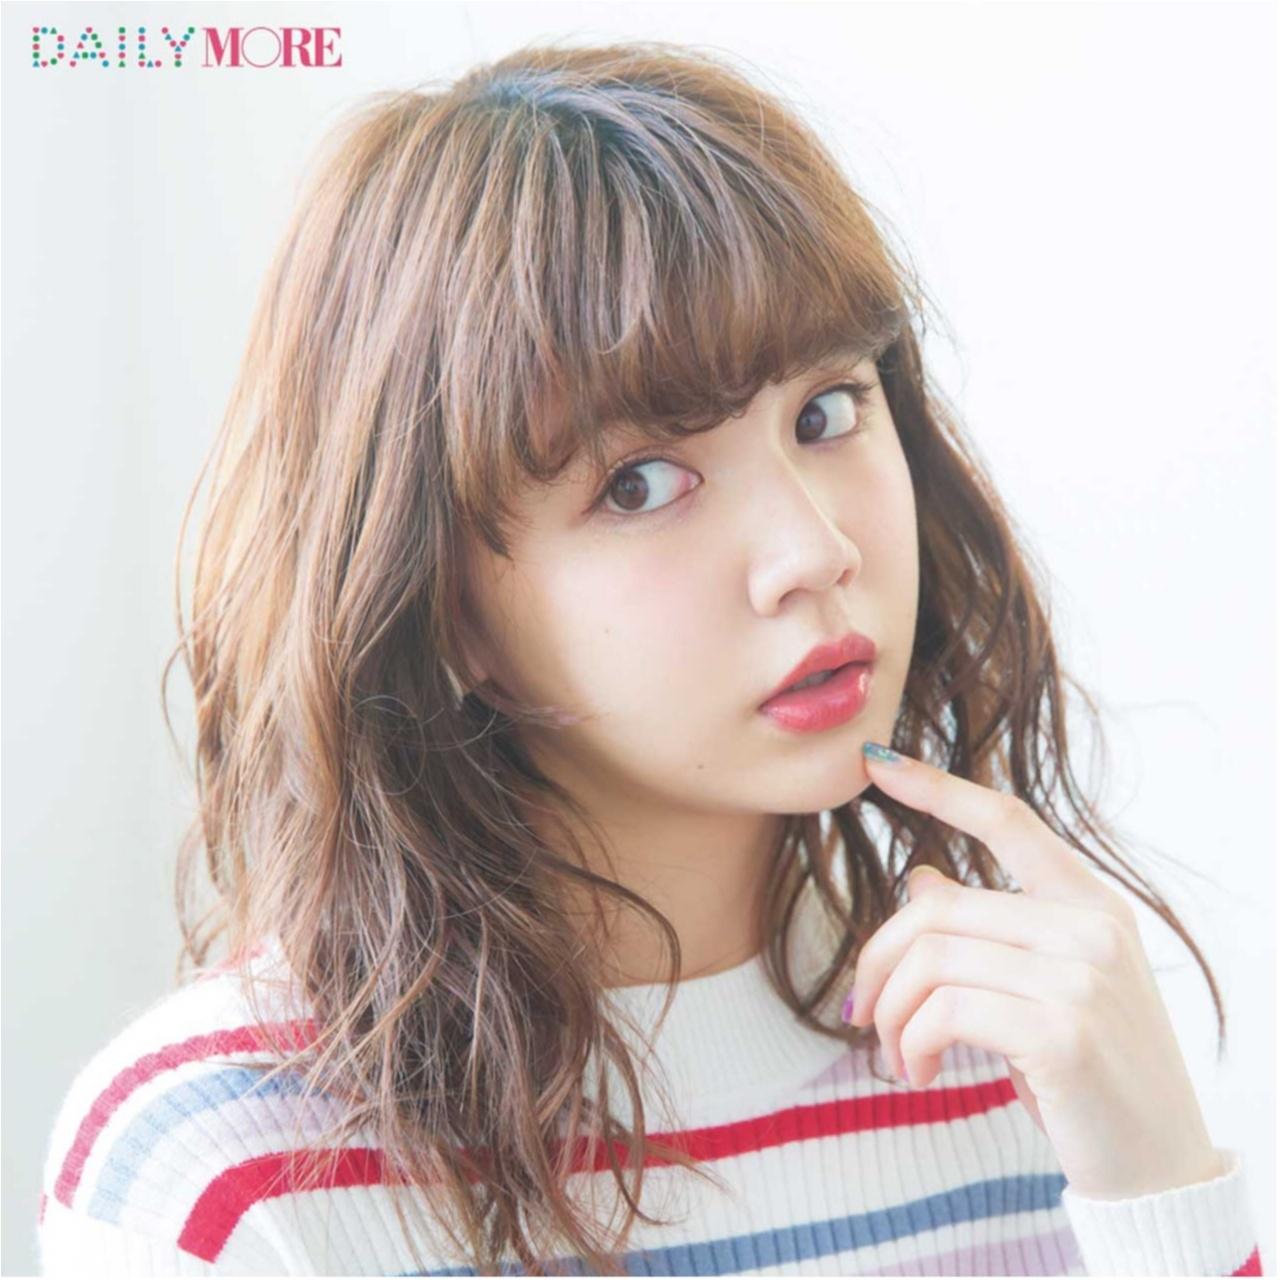 夏のネイルは『キャンメイク』、梅雨の前髪は「メンズワックス」がいいらしい!? 今週のビューティ人気ランキングトップ3☆_1_1